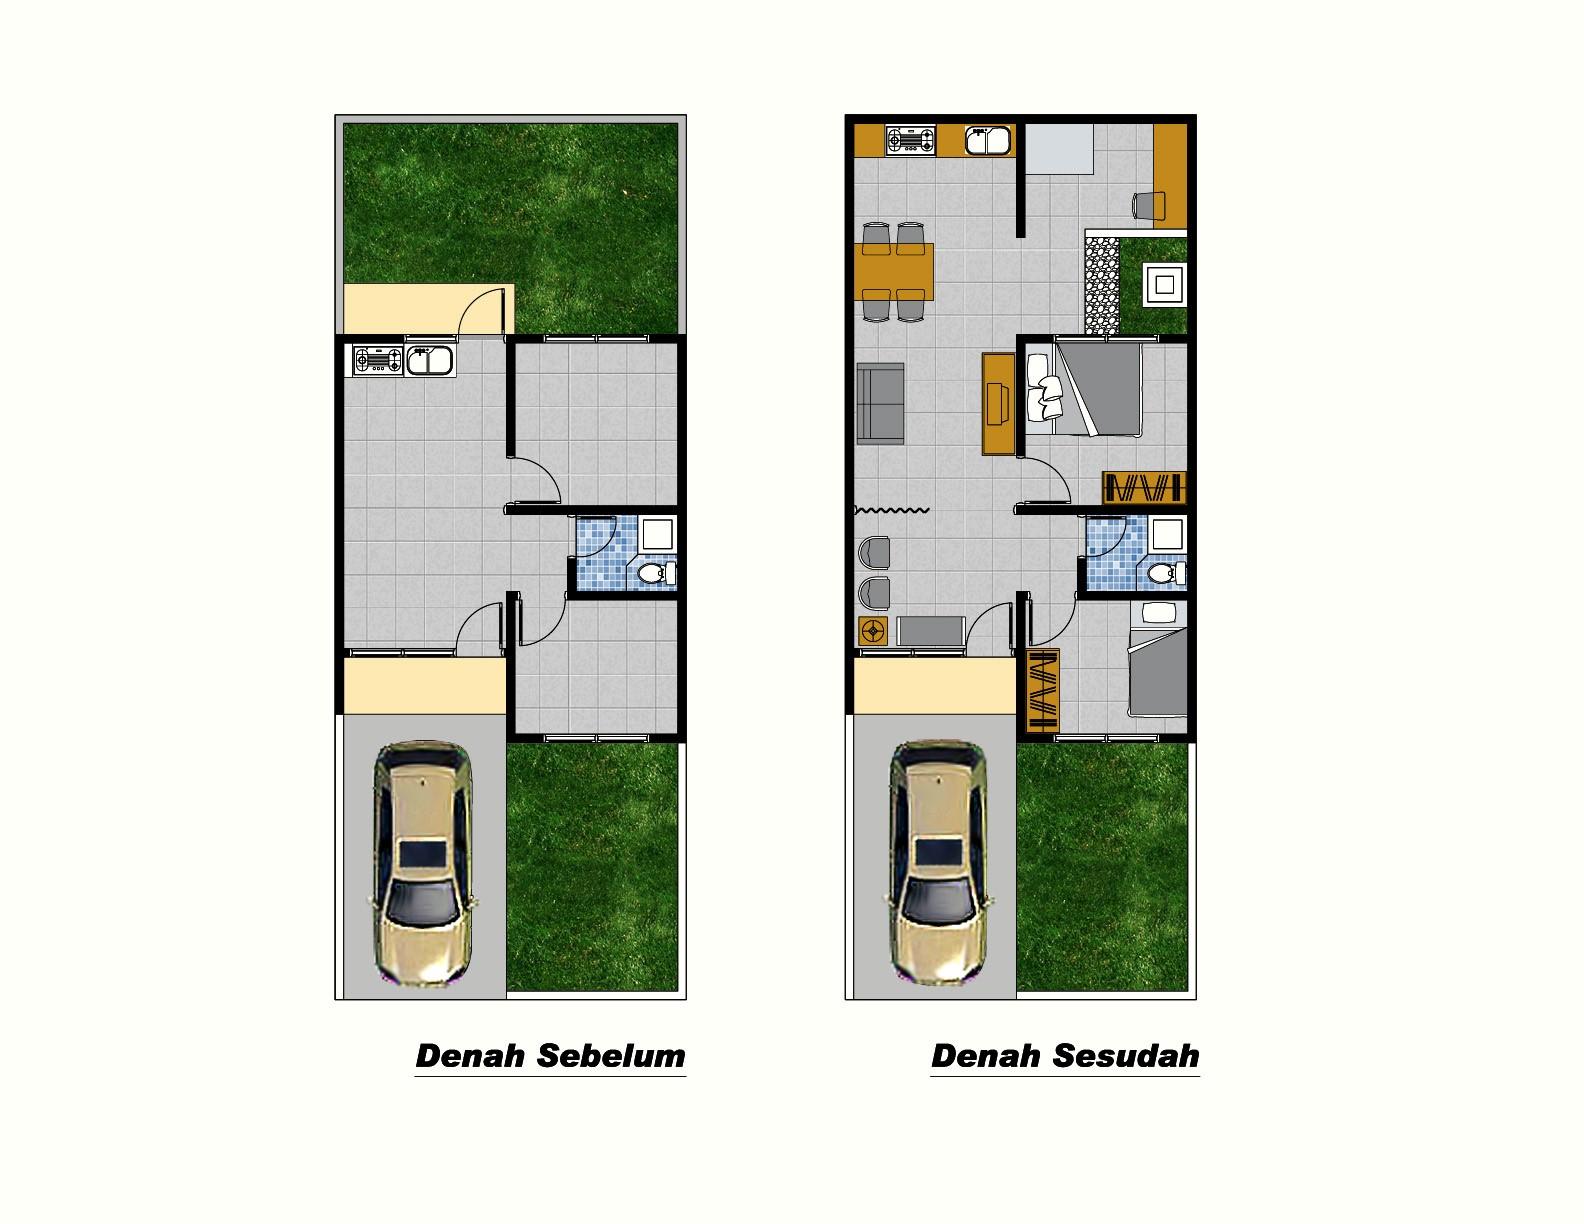 gambar denah rumah minimalis type 36 4